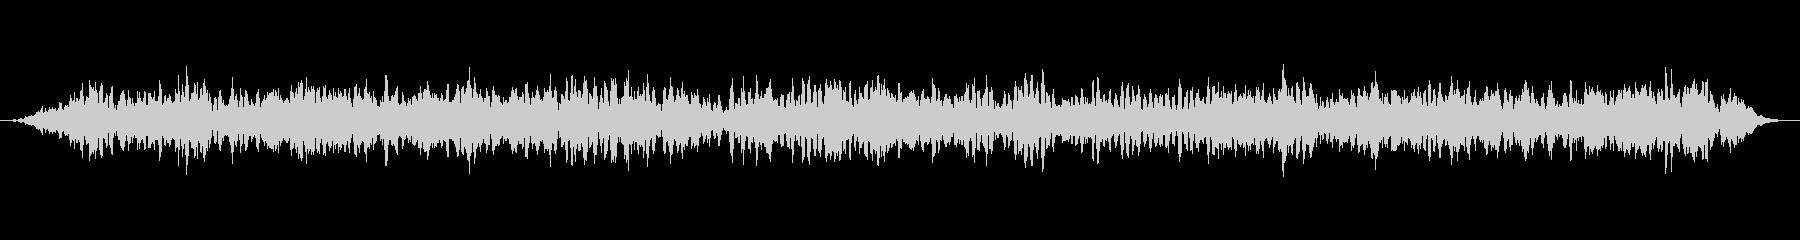 【生演奏】ざわざわしたストリングス/G線の未再生の波形